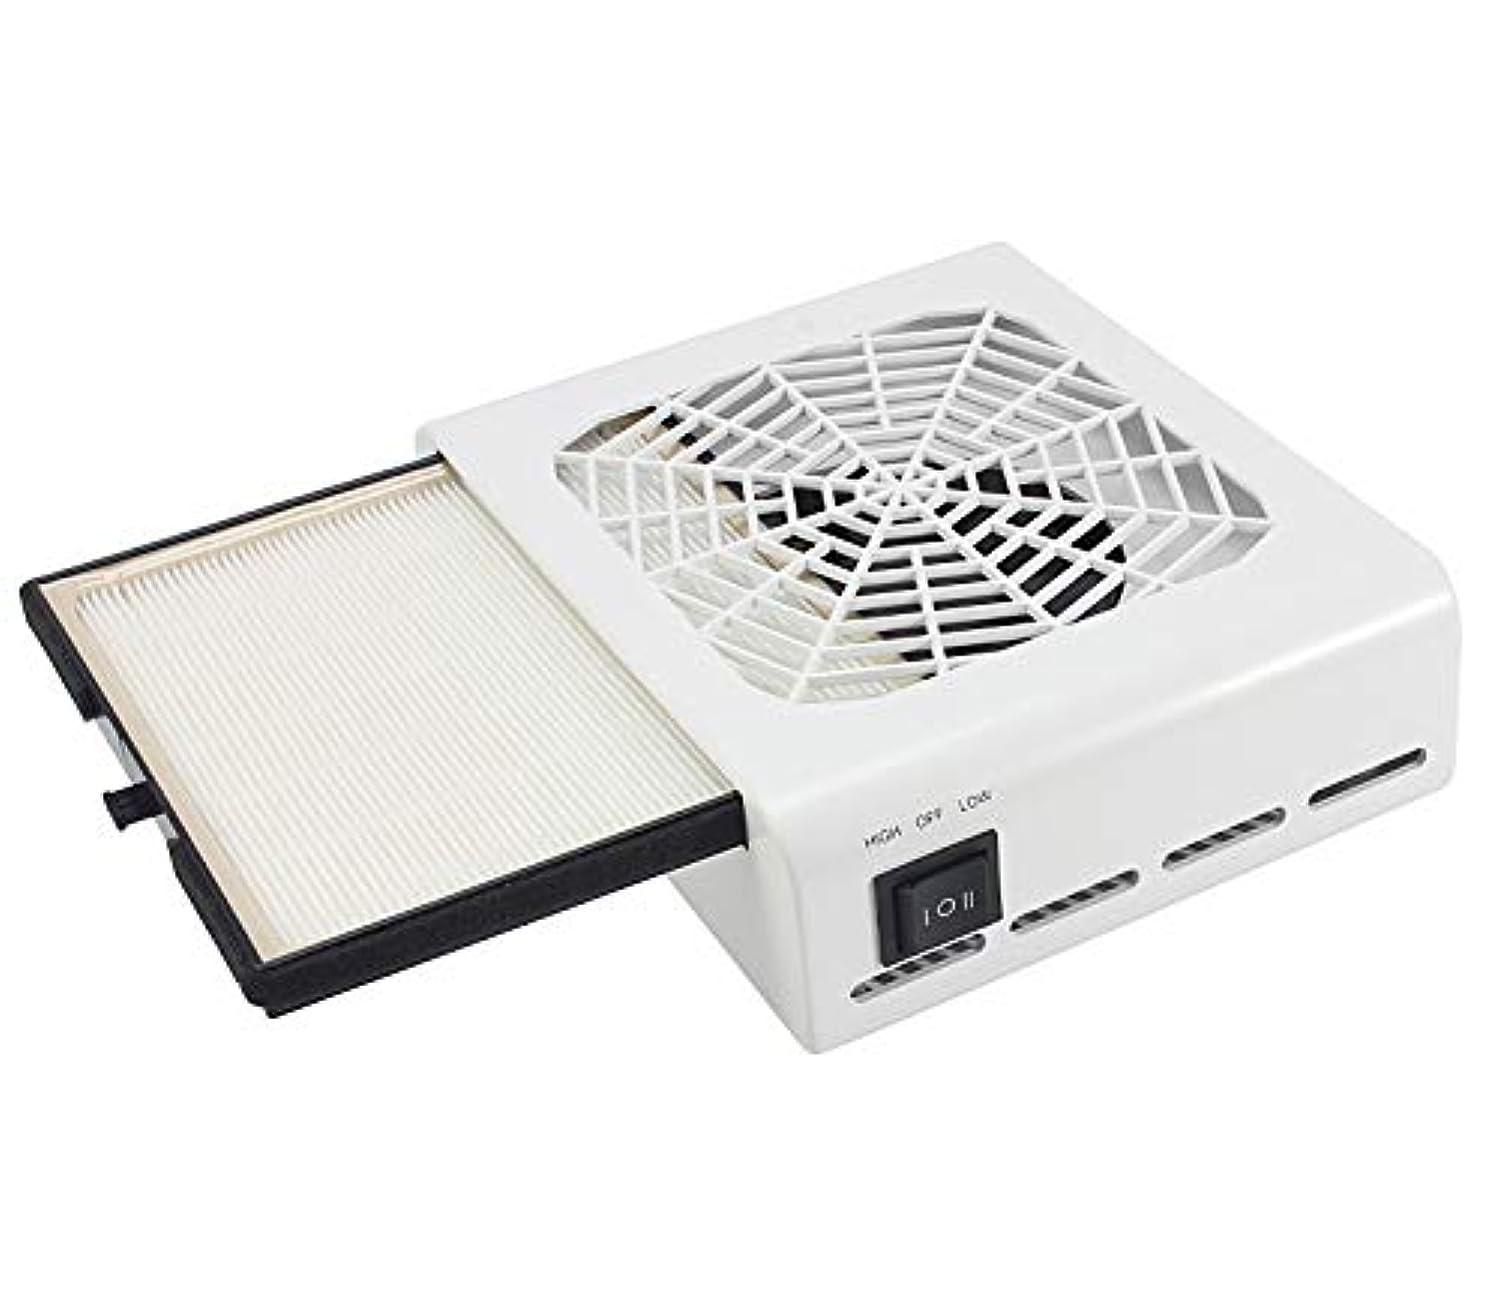 シアーソート蓮ネイルダスト 集塵機 ジェルネイル ネイル機器 最新版 セルフネイル 低騒音 110V 40W パワー調節可能 白